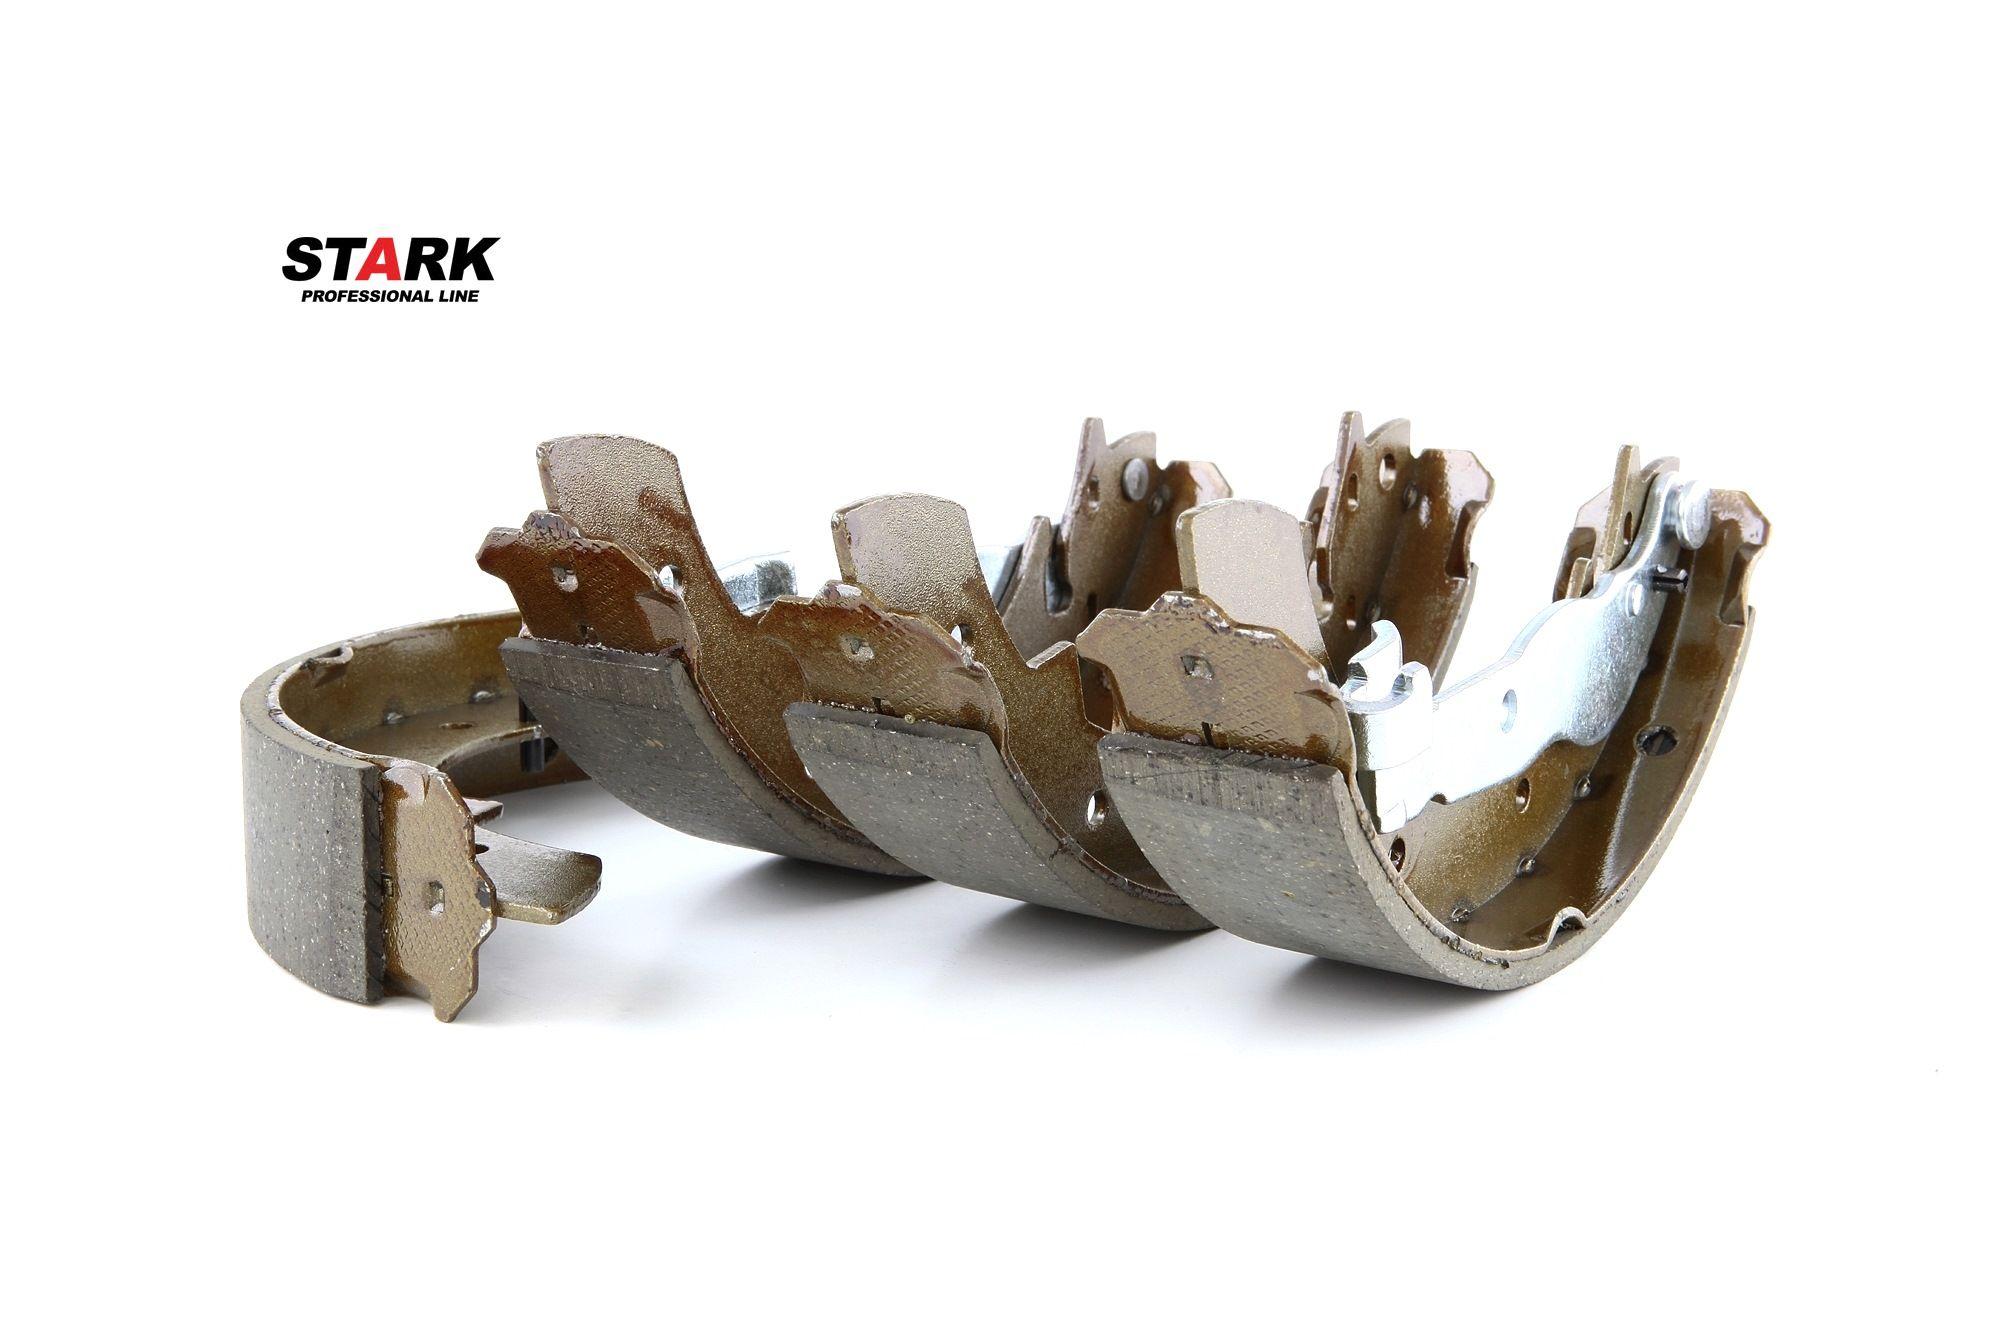 TALBOT 1307-1510 1980 Bremsbackensatz für Trommelbremse - Original STARK SKBS-0450062 Breite: 42mm